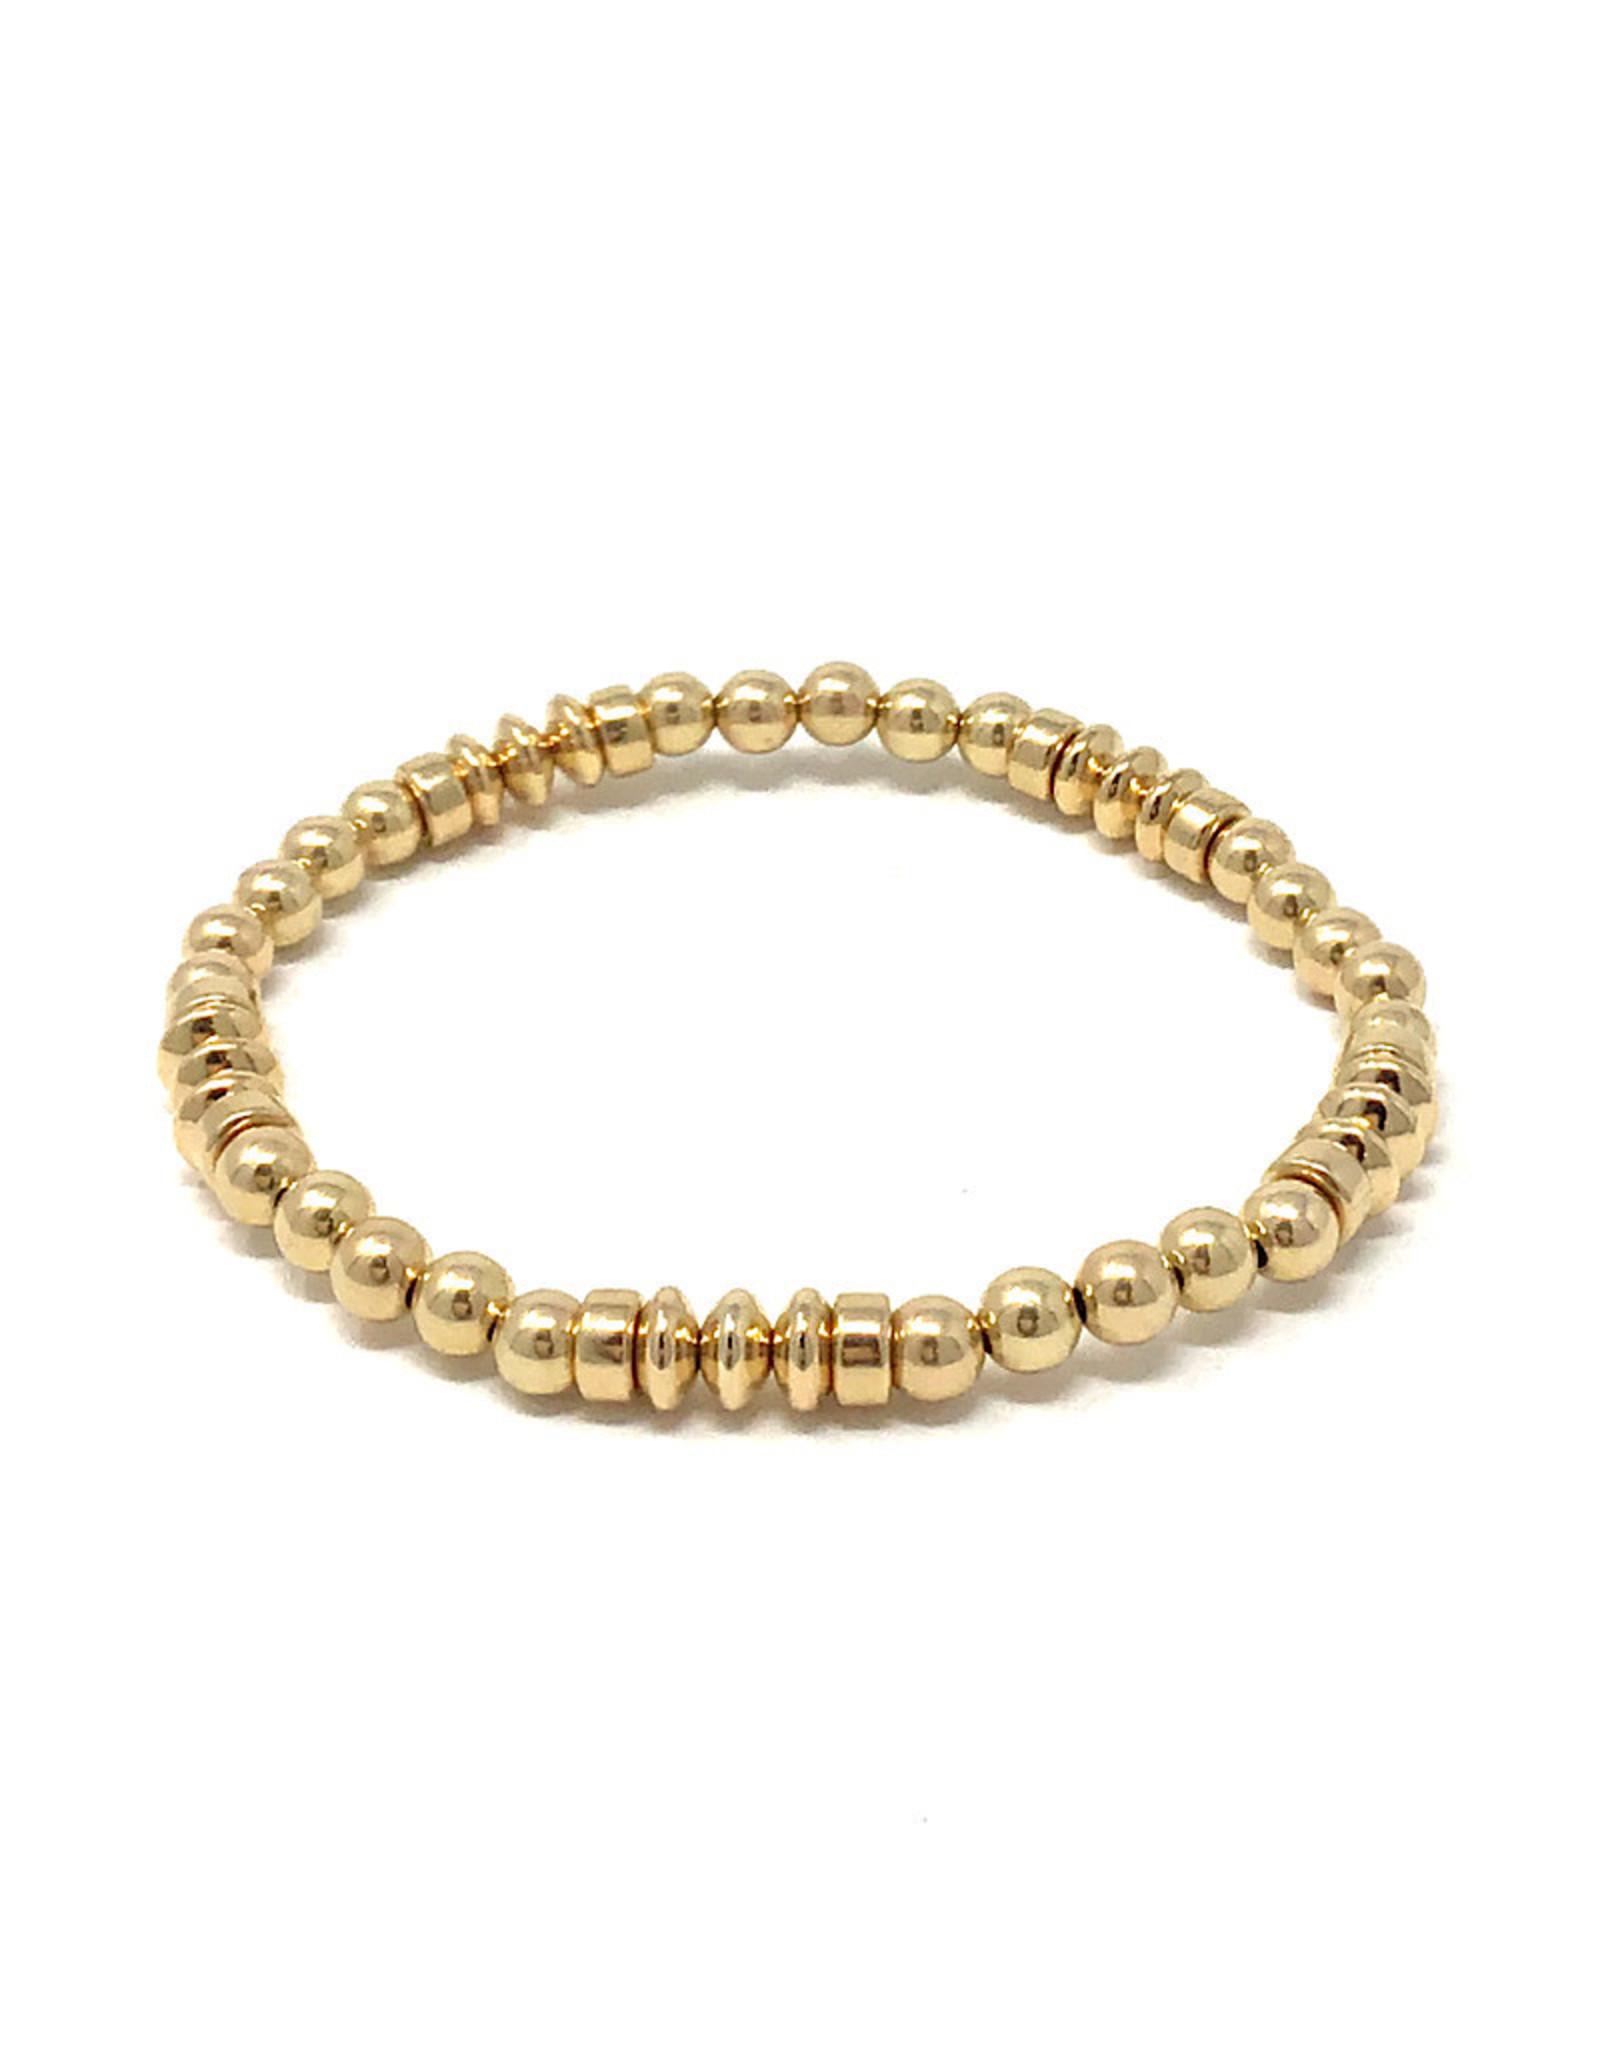 Beblue Bracelet Gold Filled 14kt